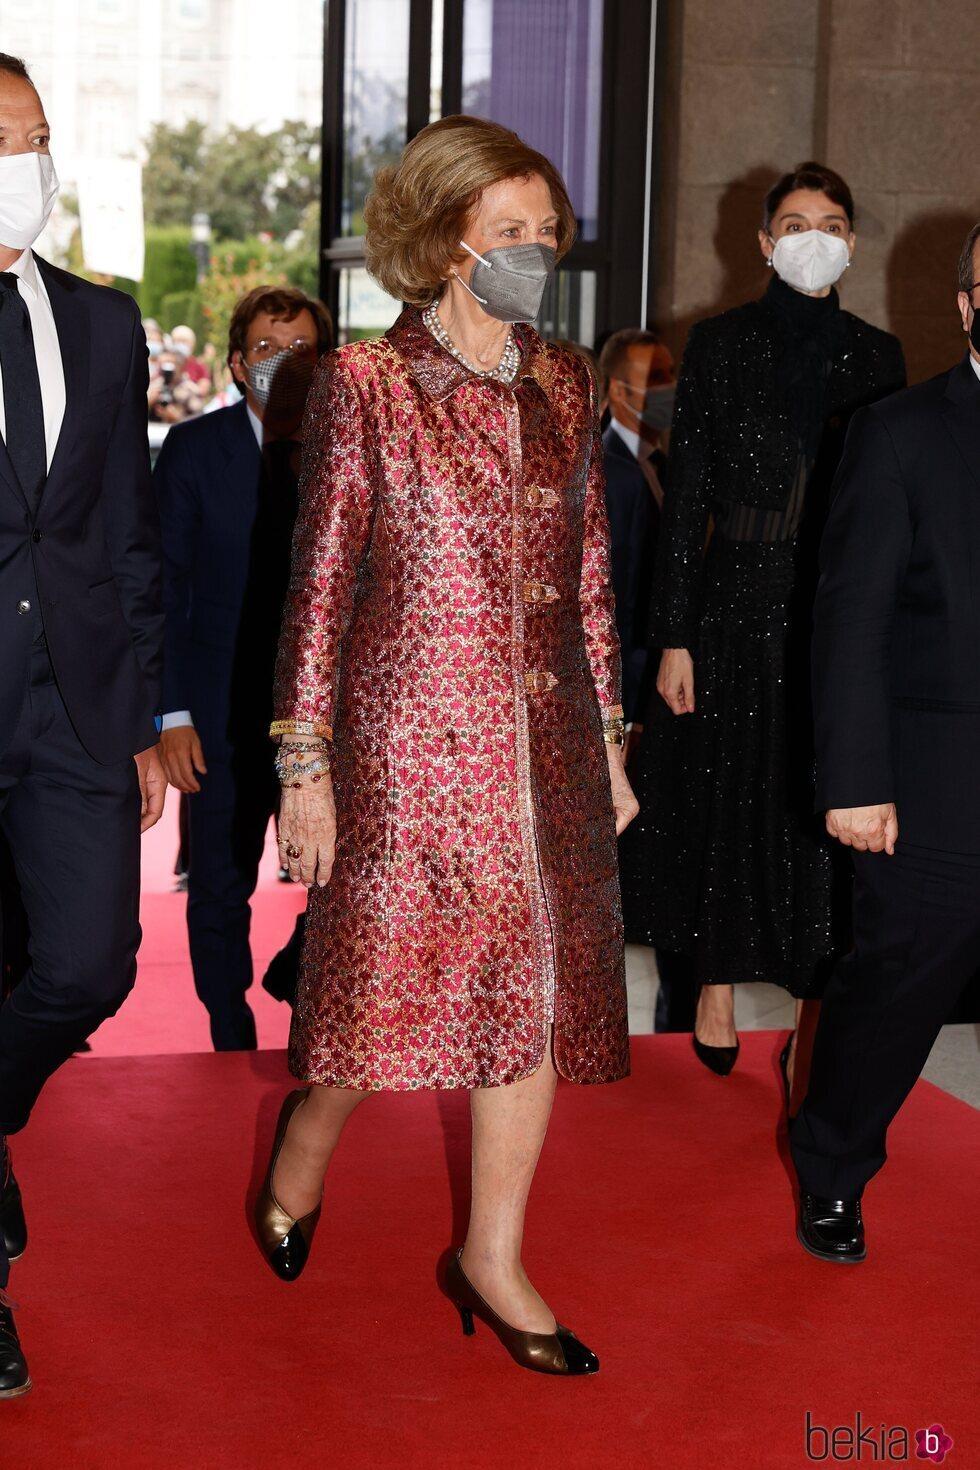 La Reina Sofía en el estreno de 'La Cenerentola' en el Teatro Real